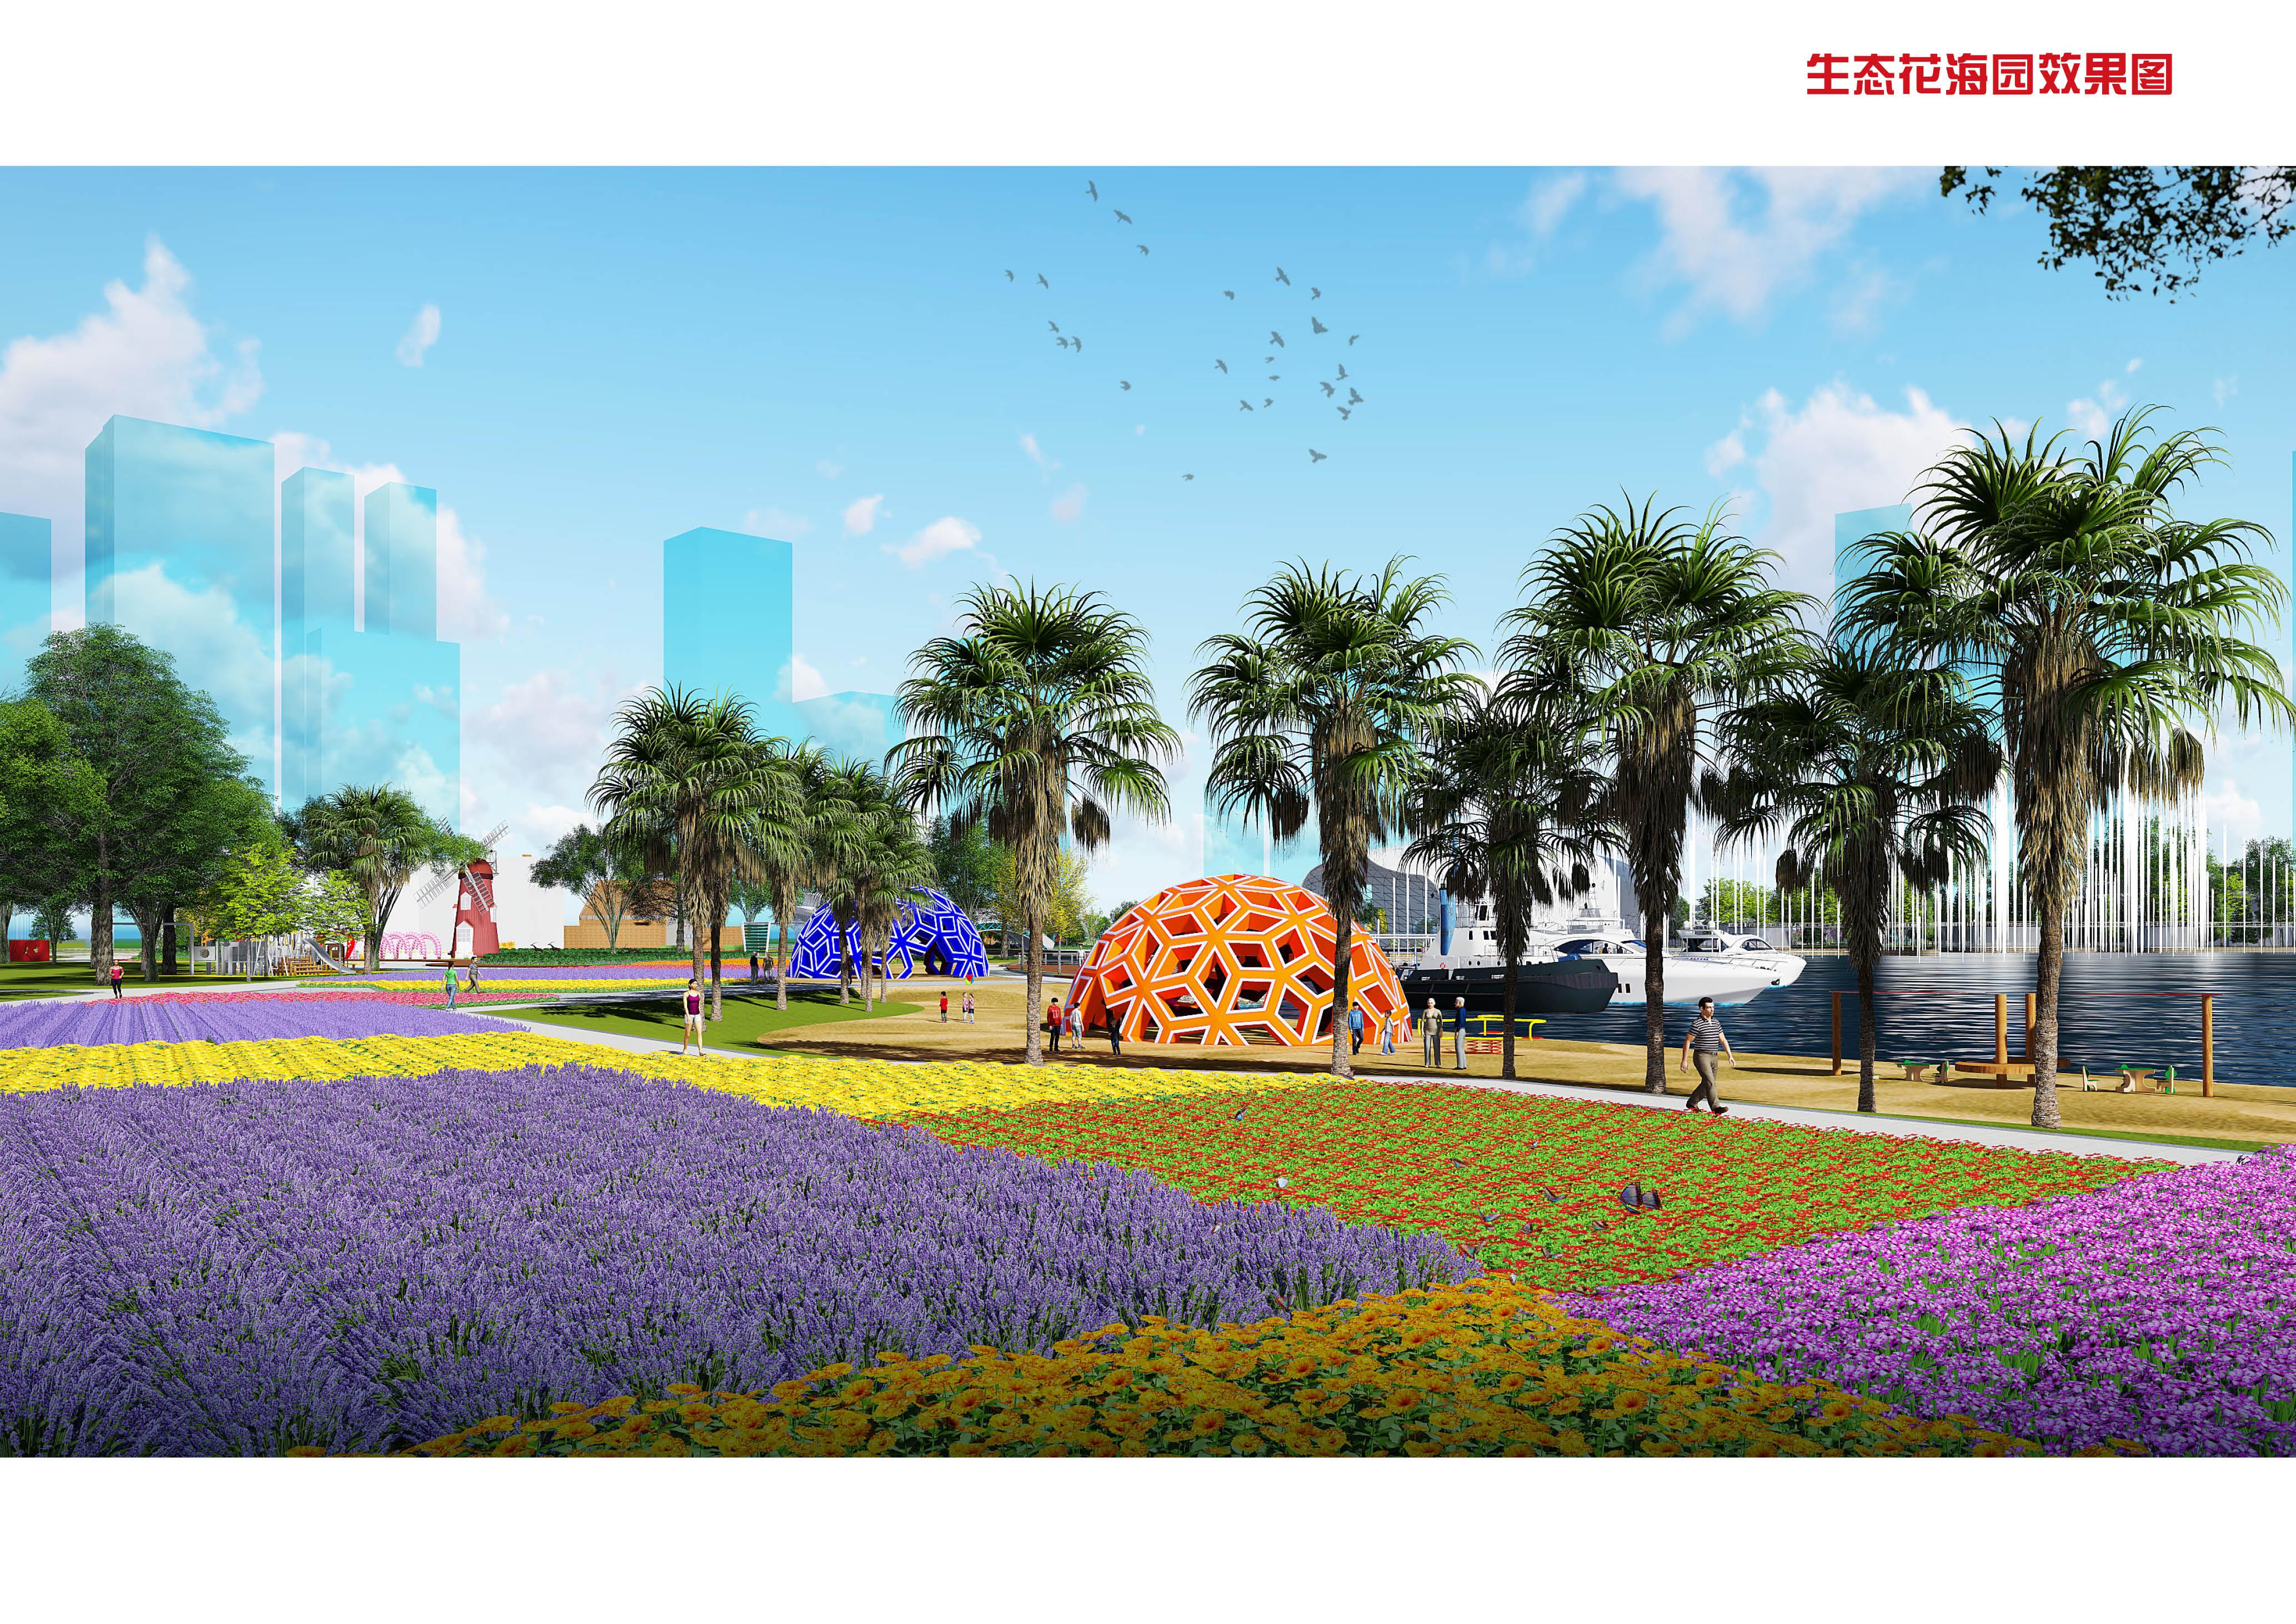 洋口港开发区海洋主题公园-洋口港开发区海洋主题公园景观设计82